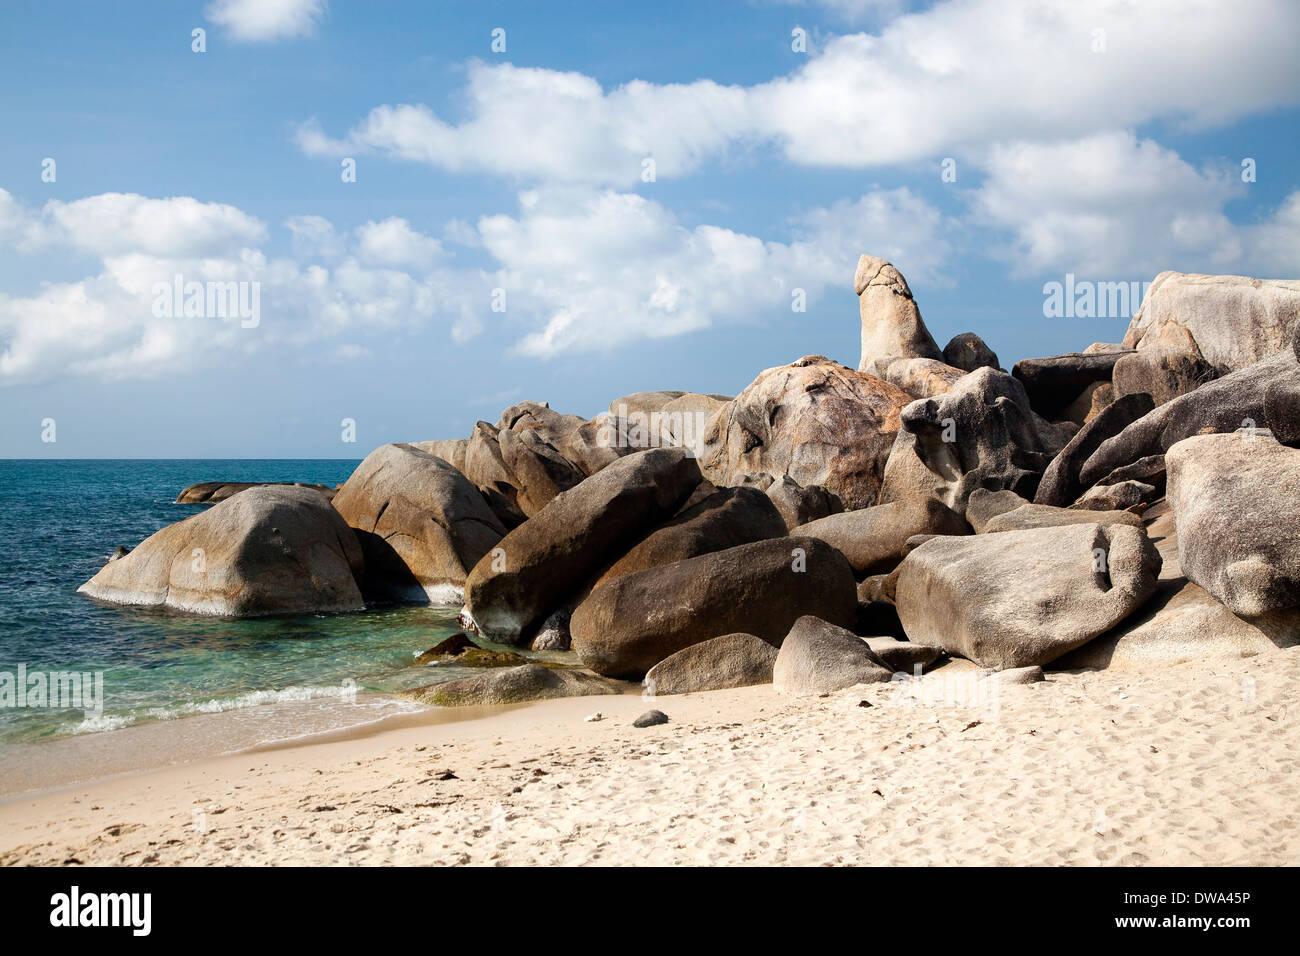 Lamai Beach Resort Photos U0026 Lamai Beach Resort Images   Alamy